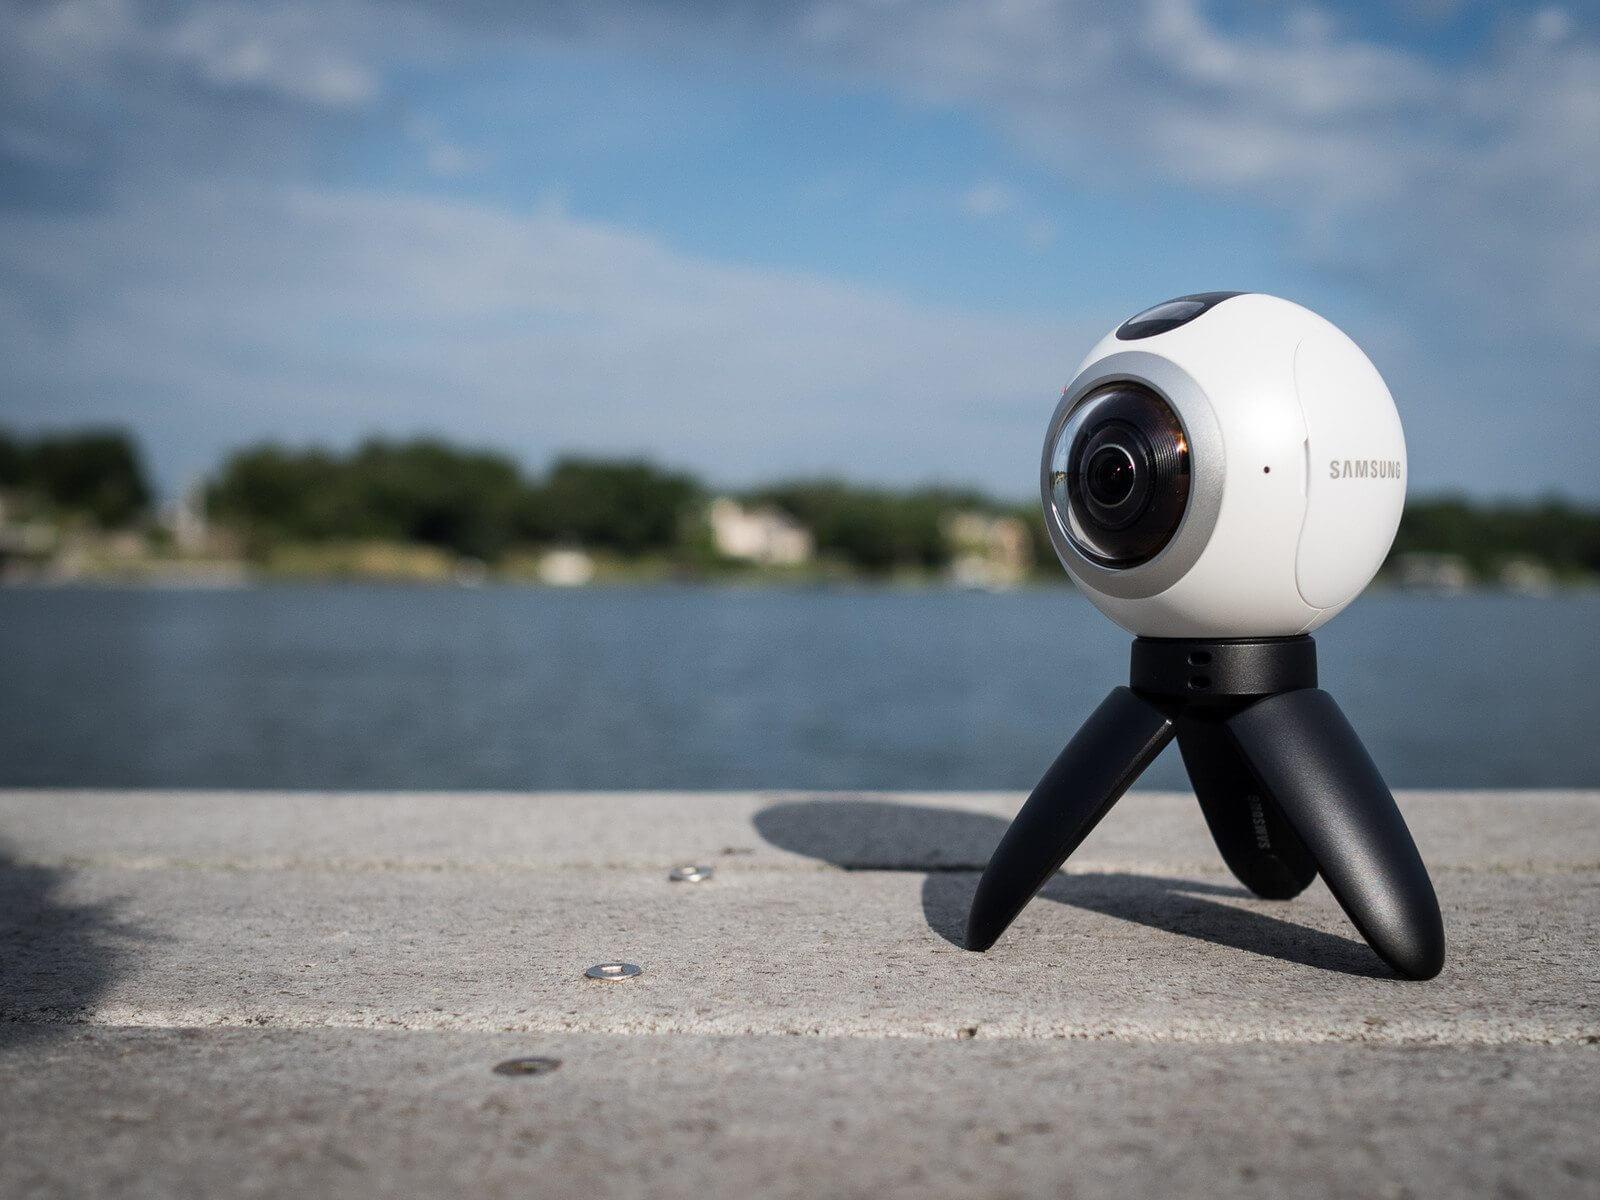 samsung gear 360 2 - Samsung sorteia mil câmeras Gear 360 no Brasil; veja como participar